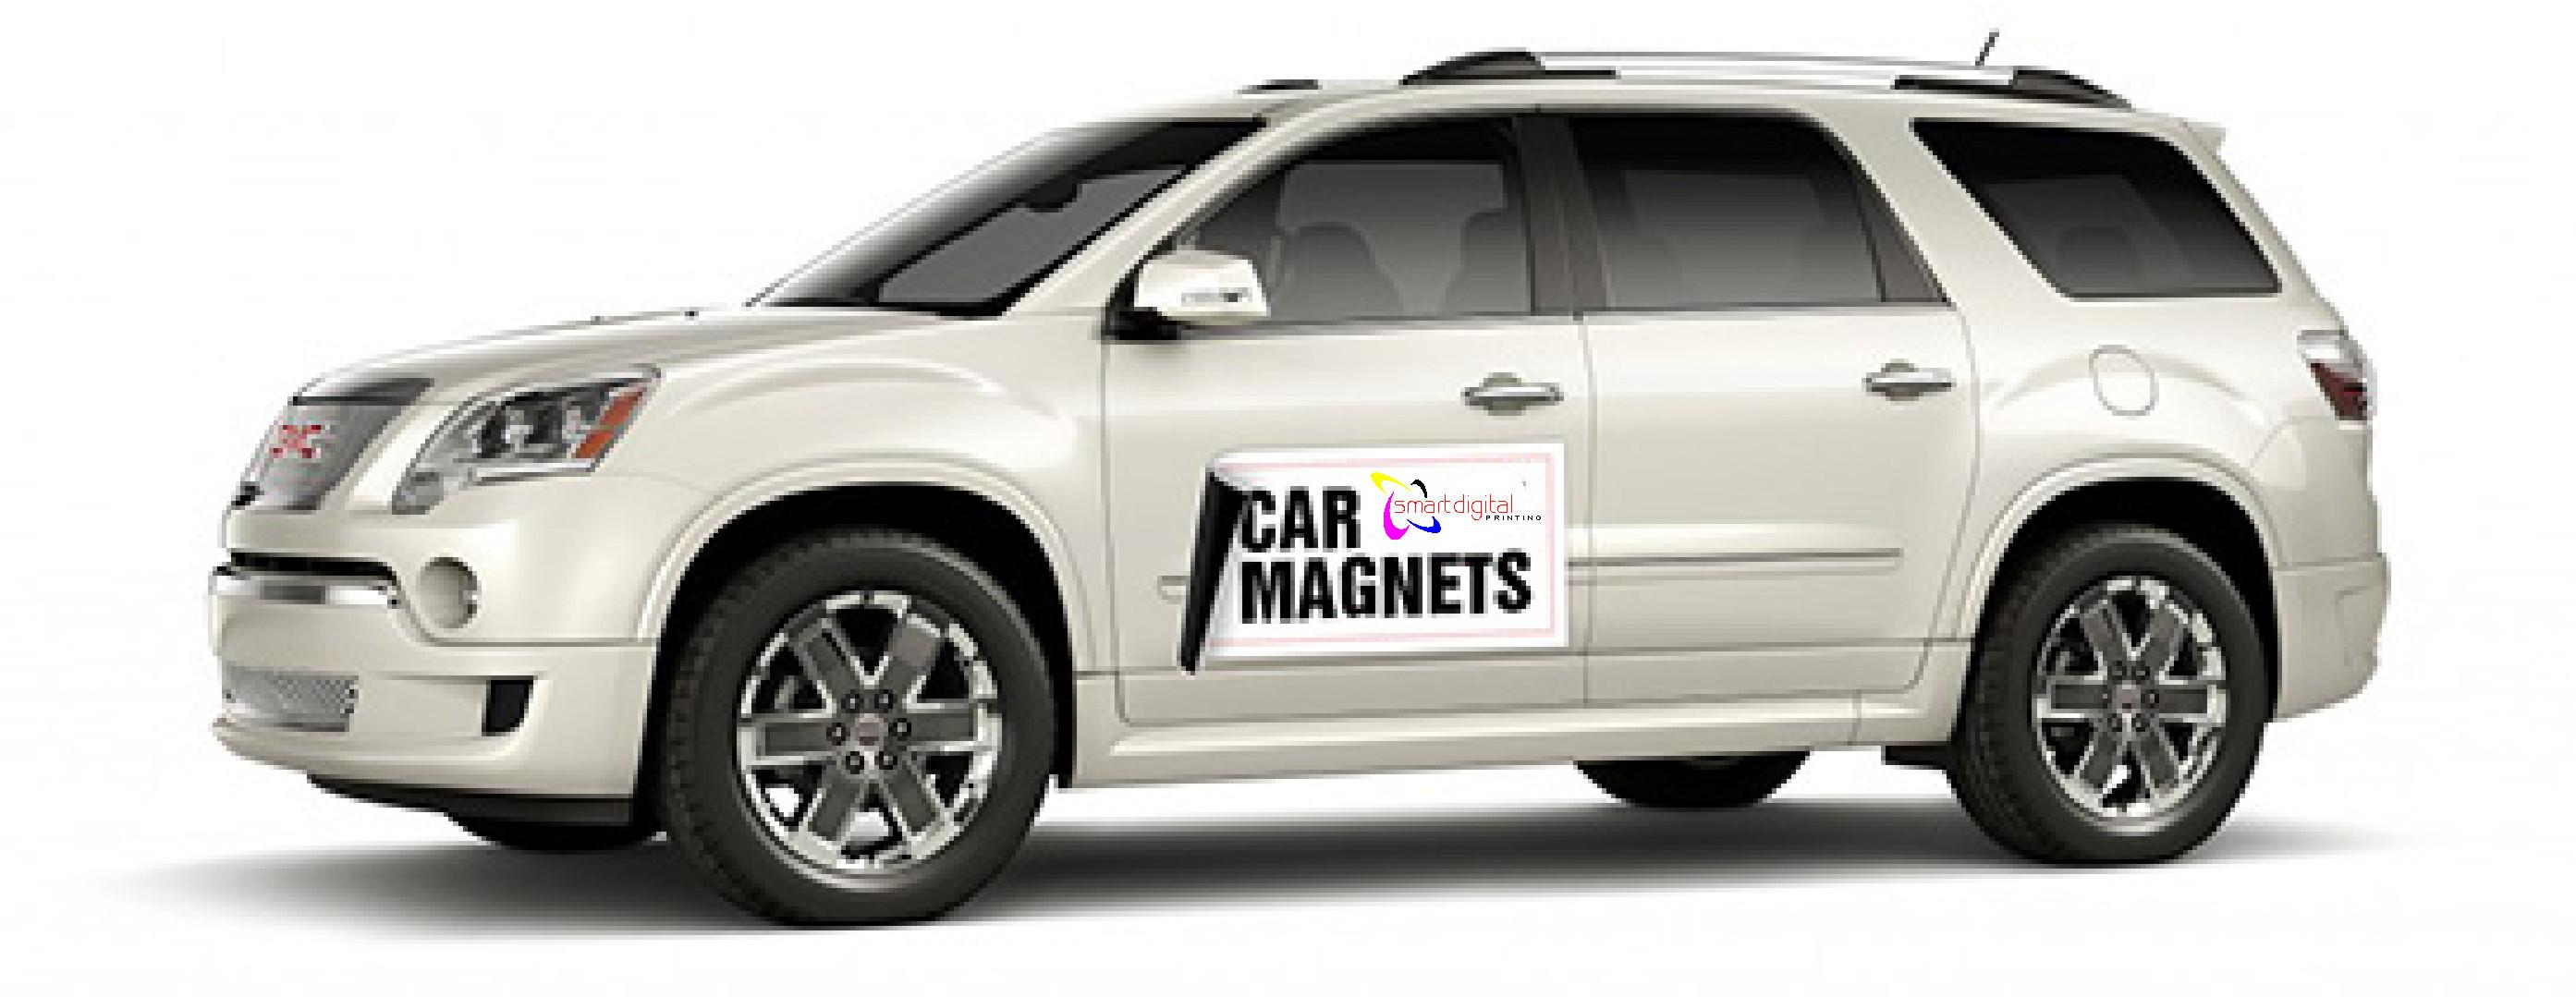 Any company car door magnet